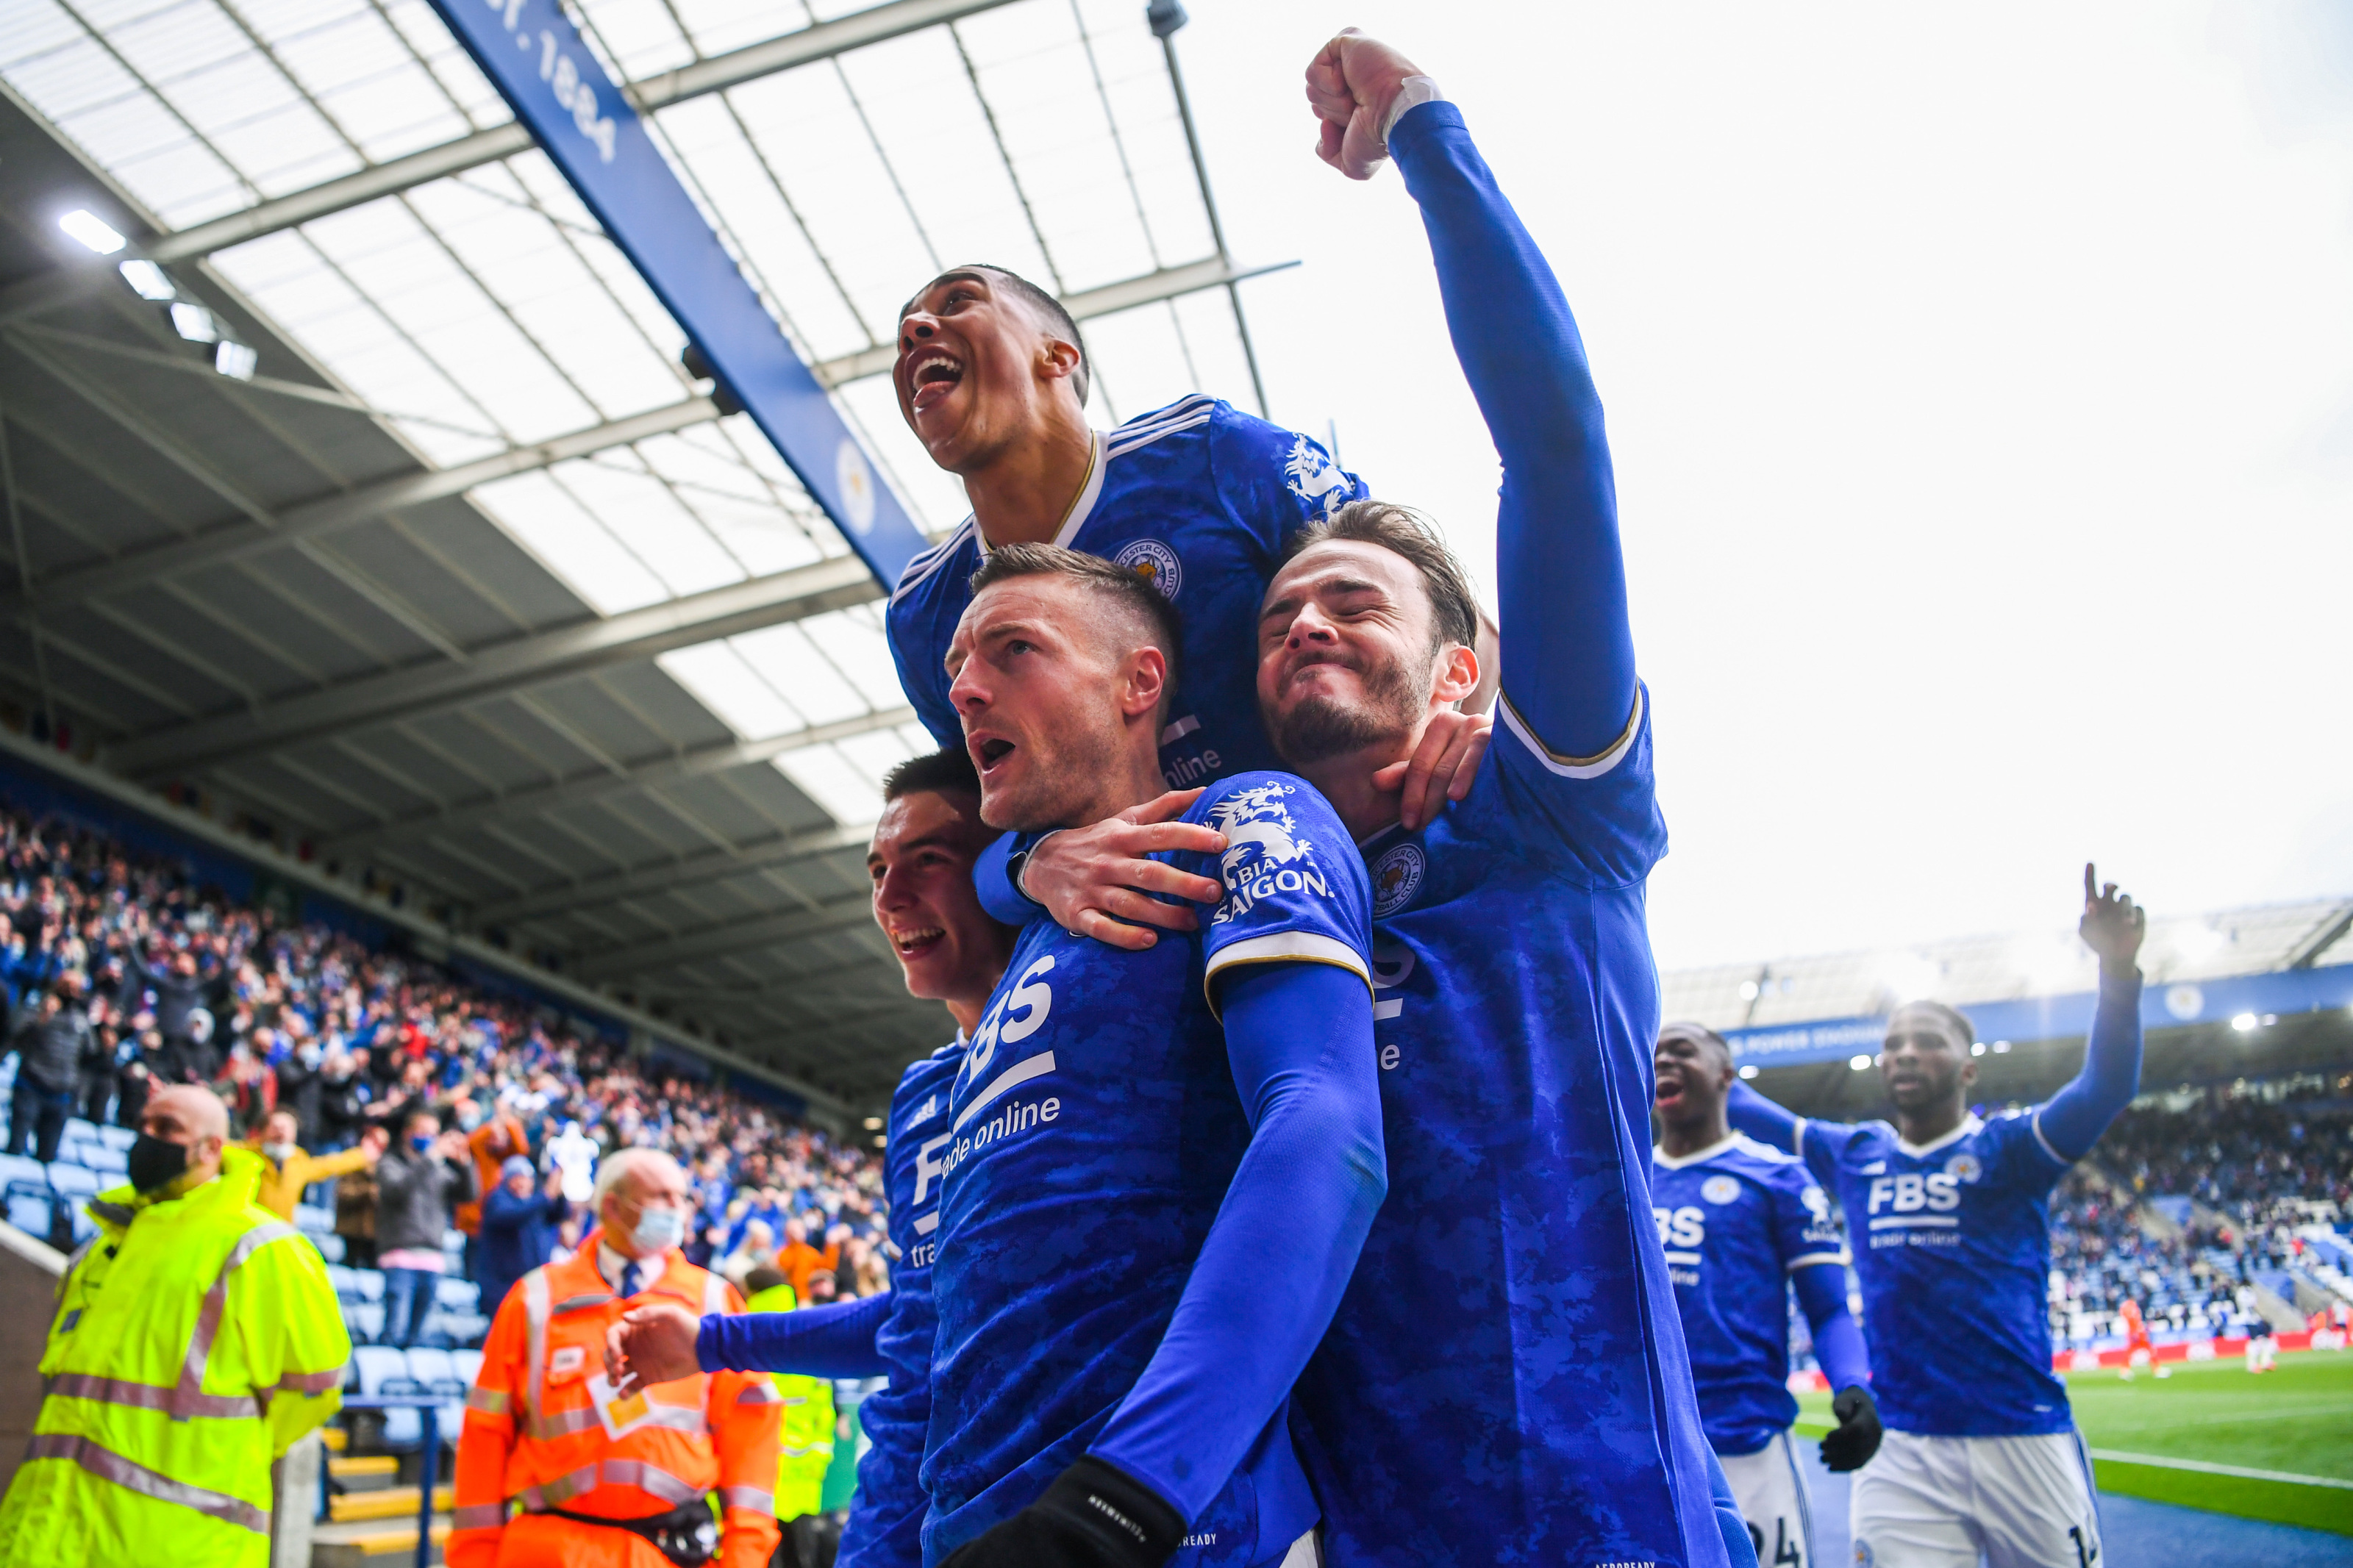 El Manchester United vinculado con la jugada de la brillante estrella del Leicester City